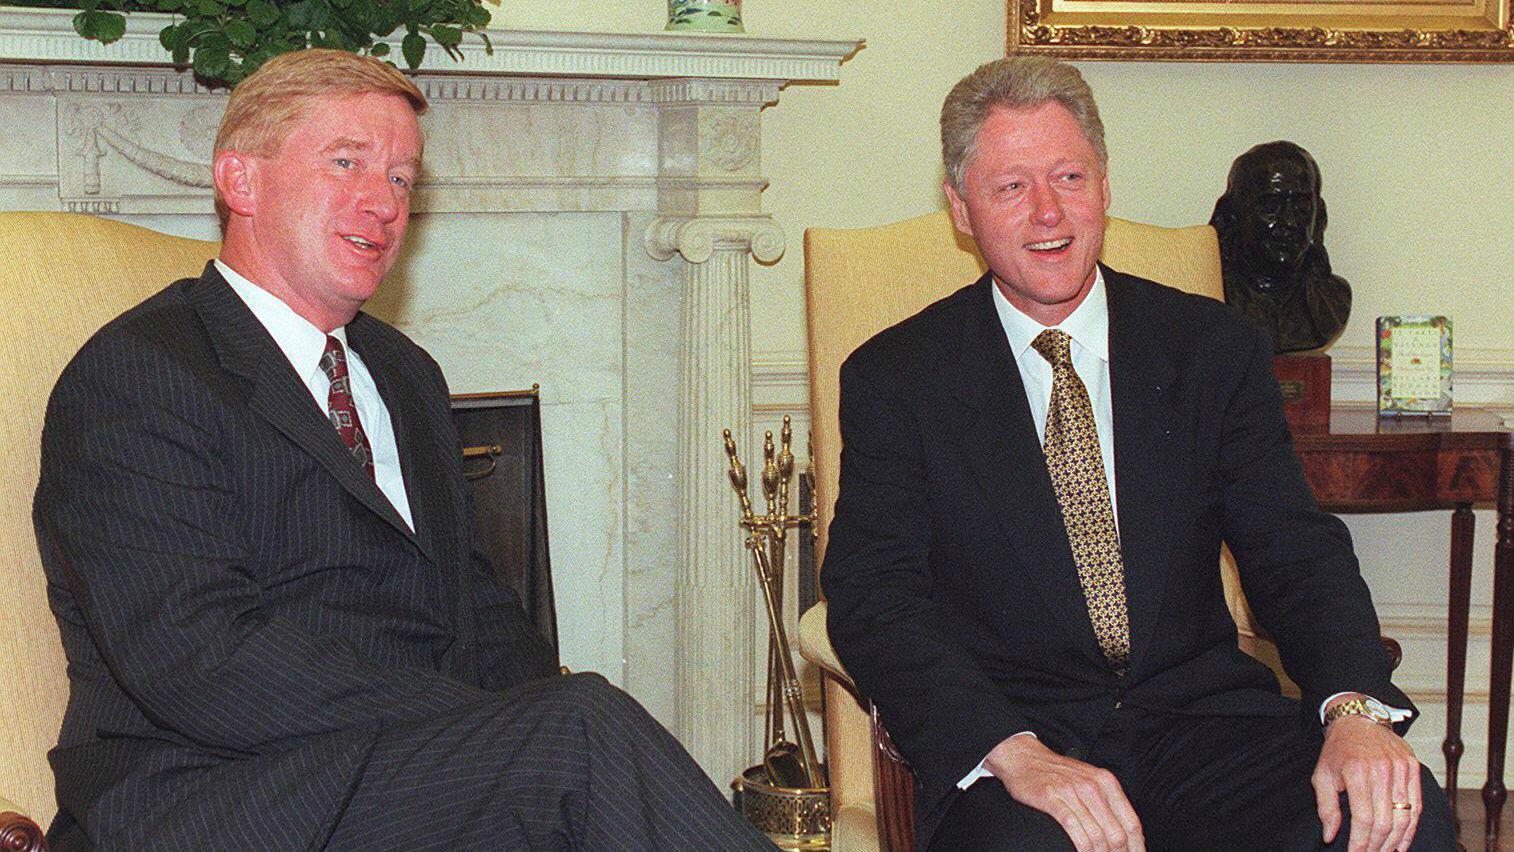 El 31 de julio de 1997, William Weld se reúne con el presidente Bill Clinton en la Casa Blanca, en Washington.  Weld fue nominado para ser el embajador de Estados Unidos en México.